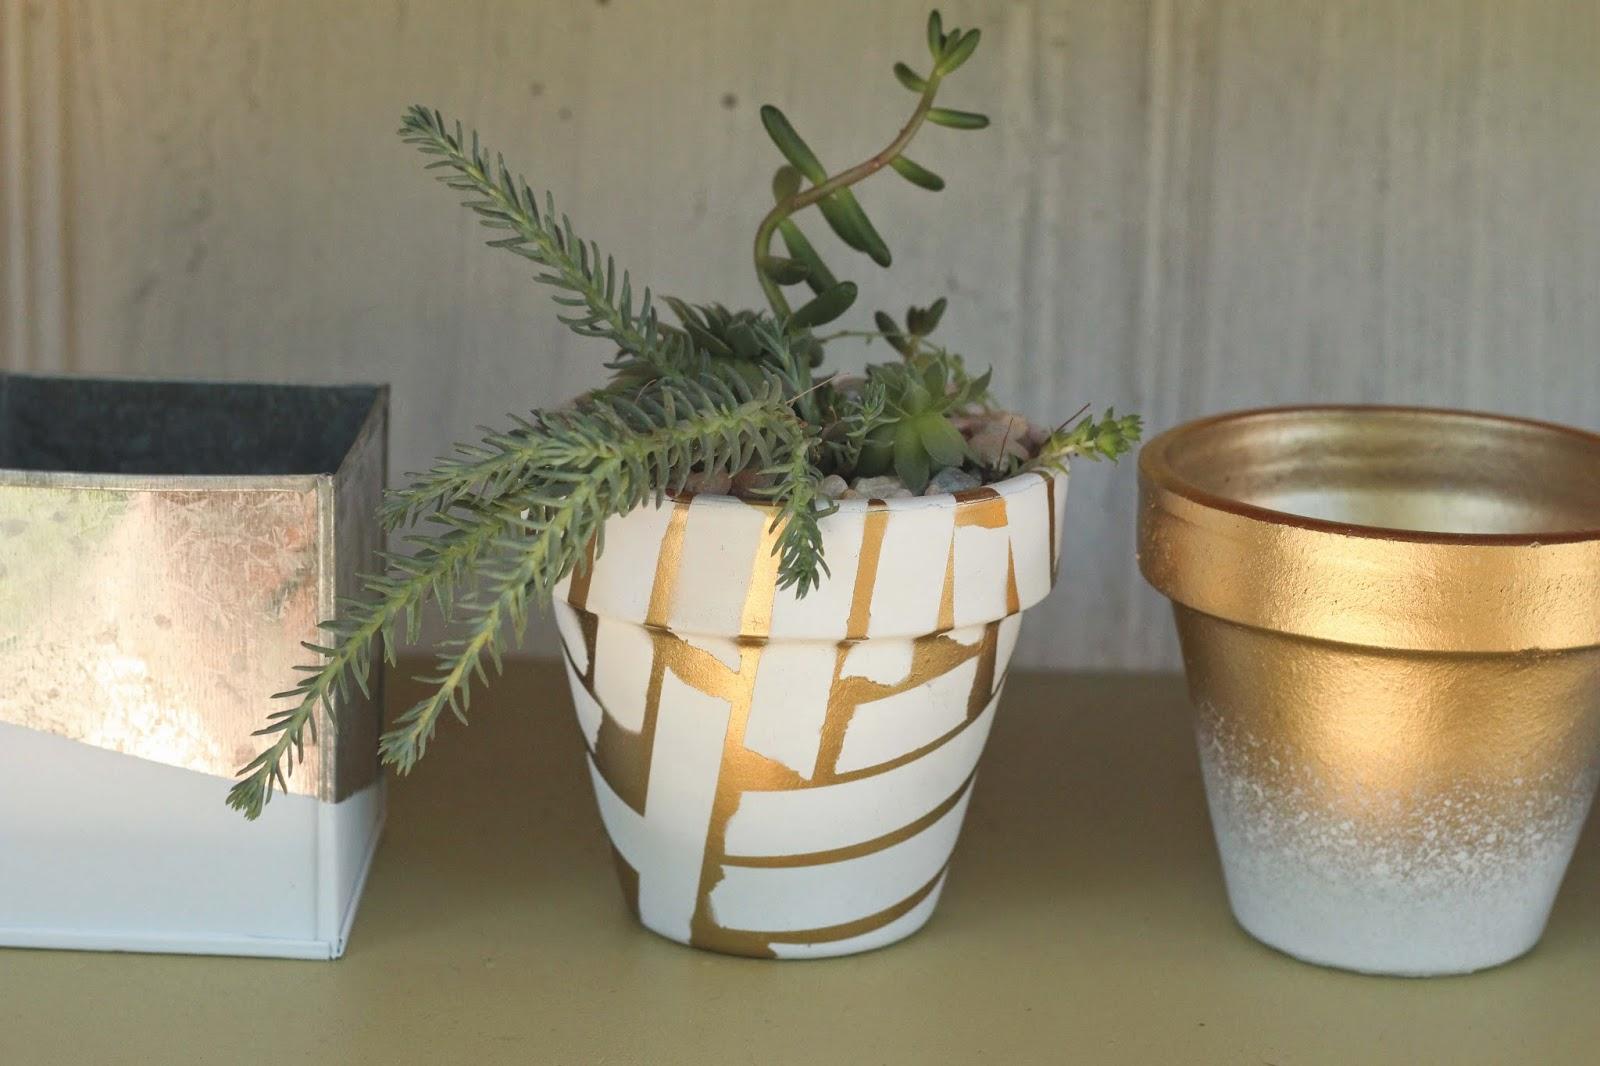 diy: spray painted pots   heywandererblog   Bloglovin